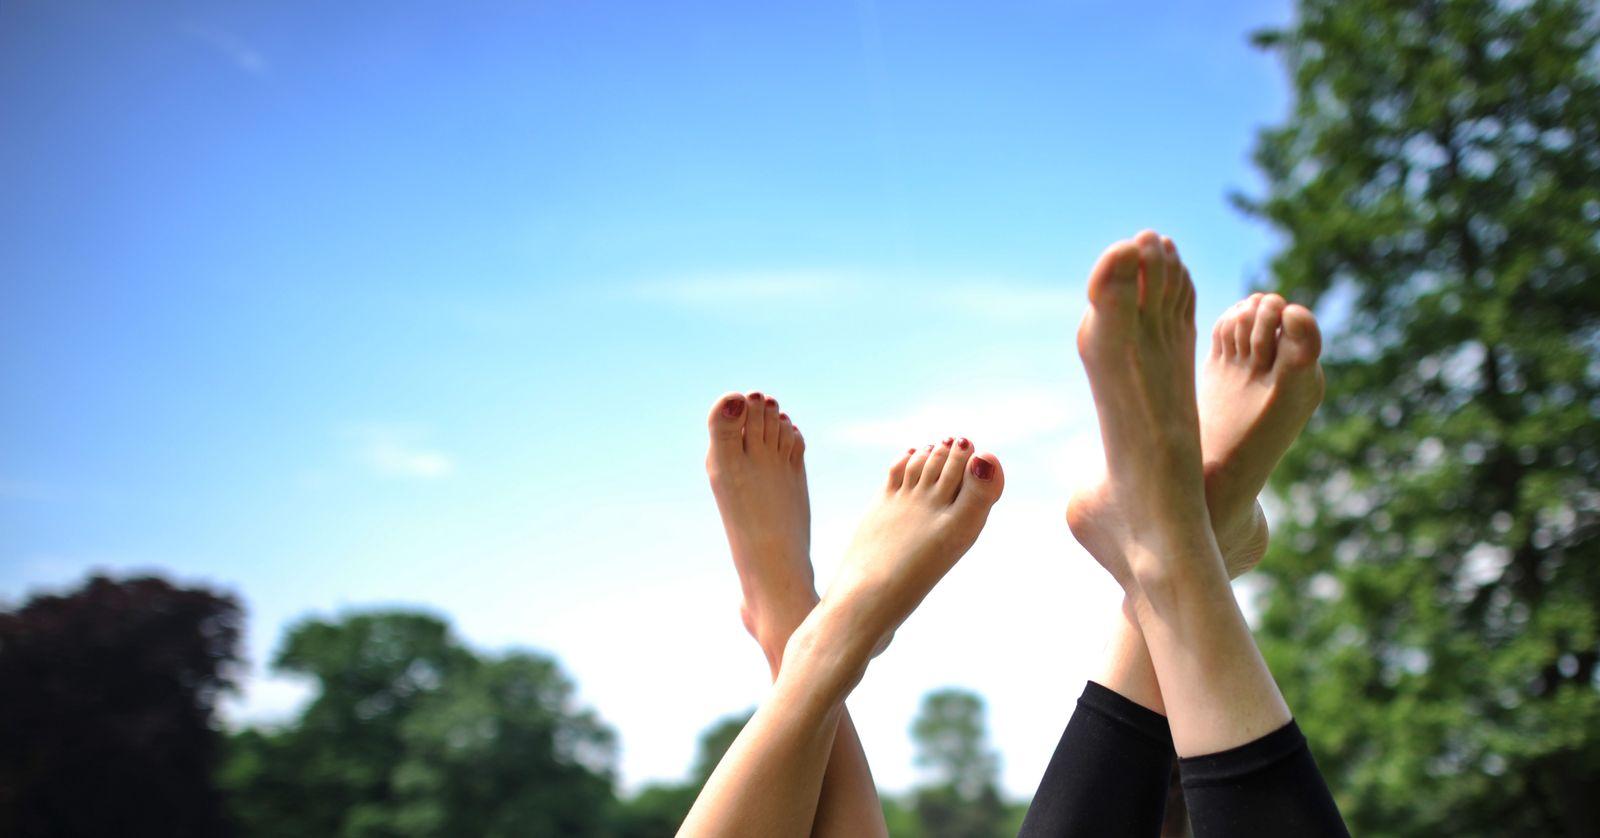 Sommerwetter / Fuß / Füße /